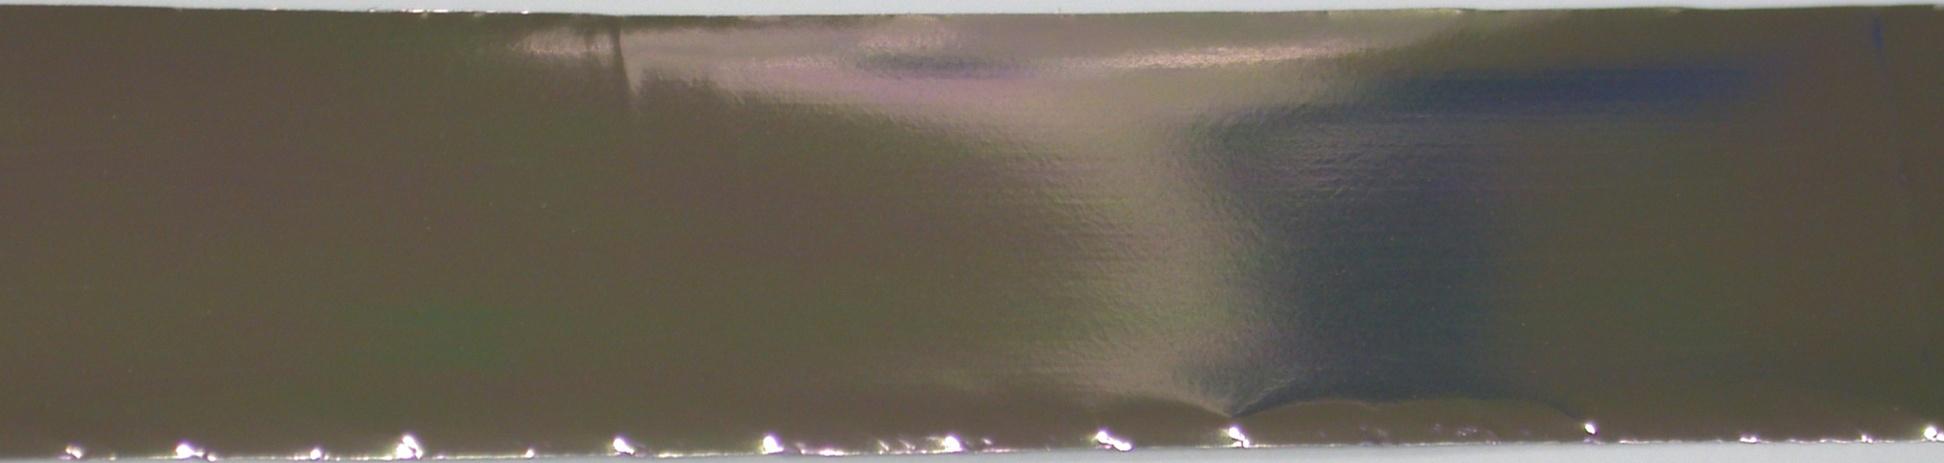 VIVI Folie na nehty hladká vodní hladina 50 cm